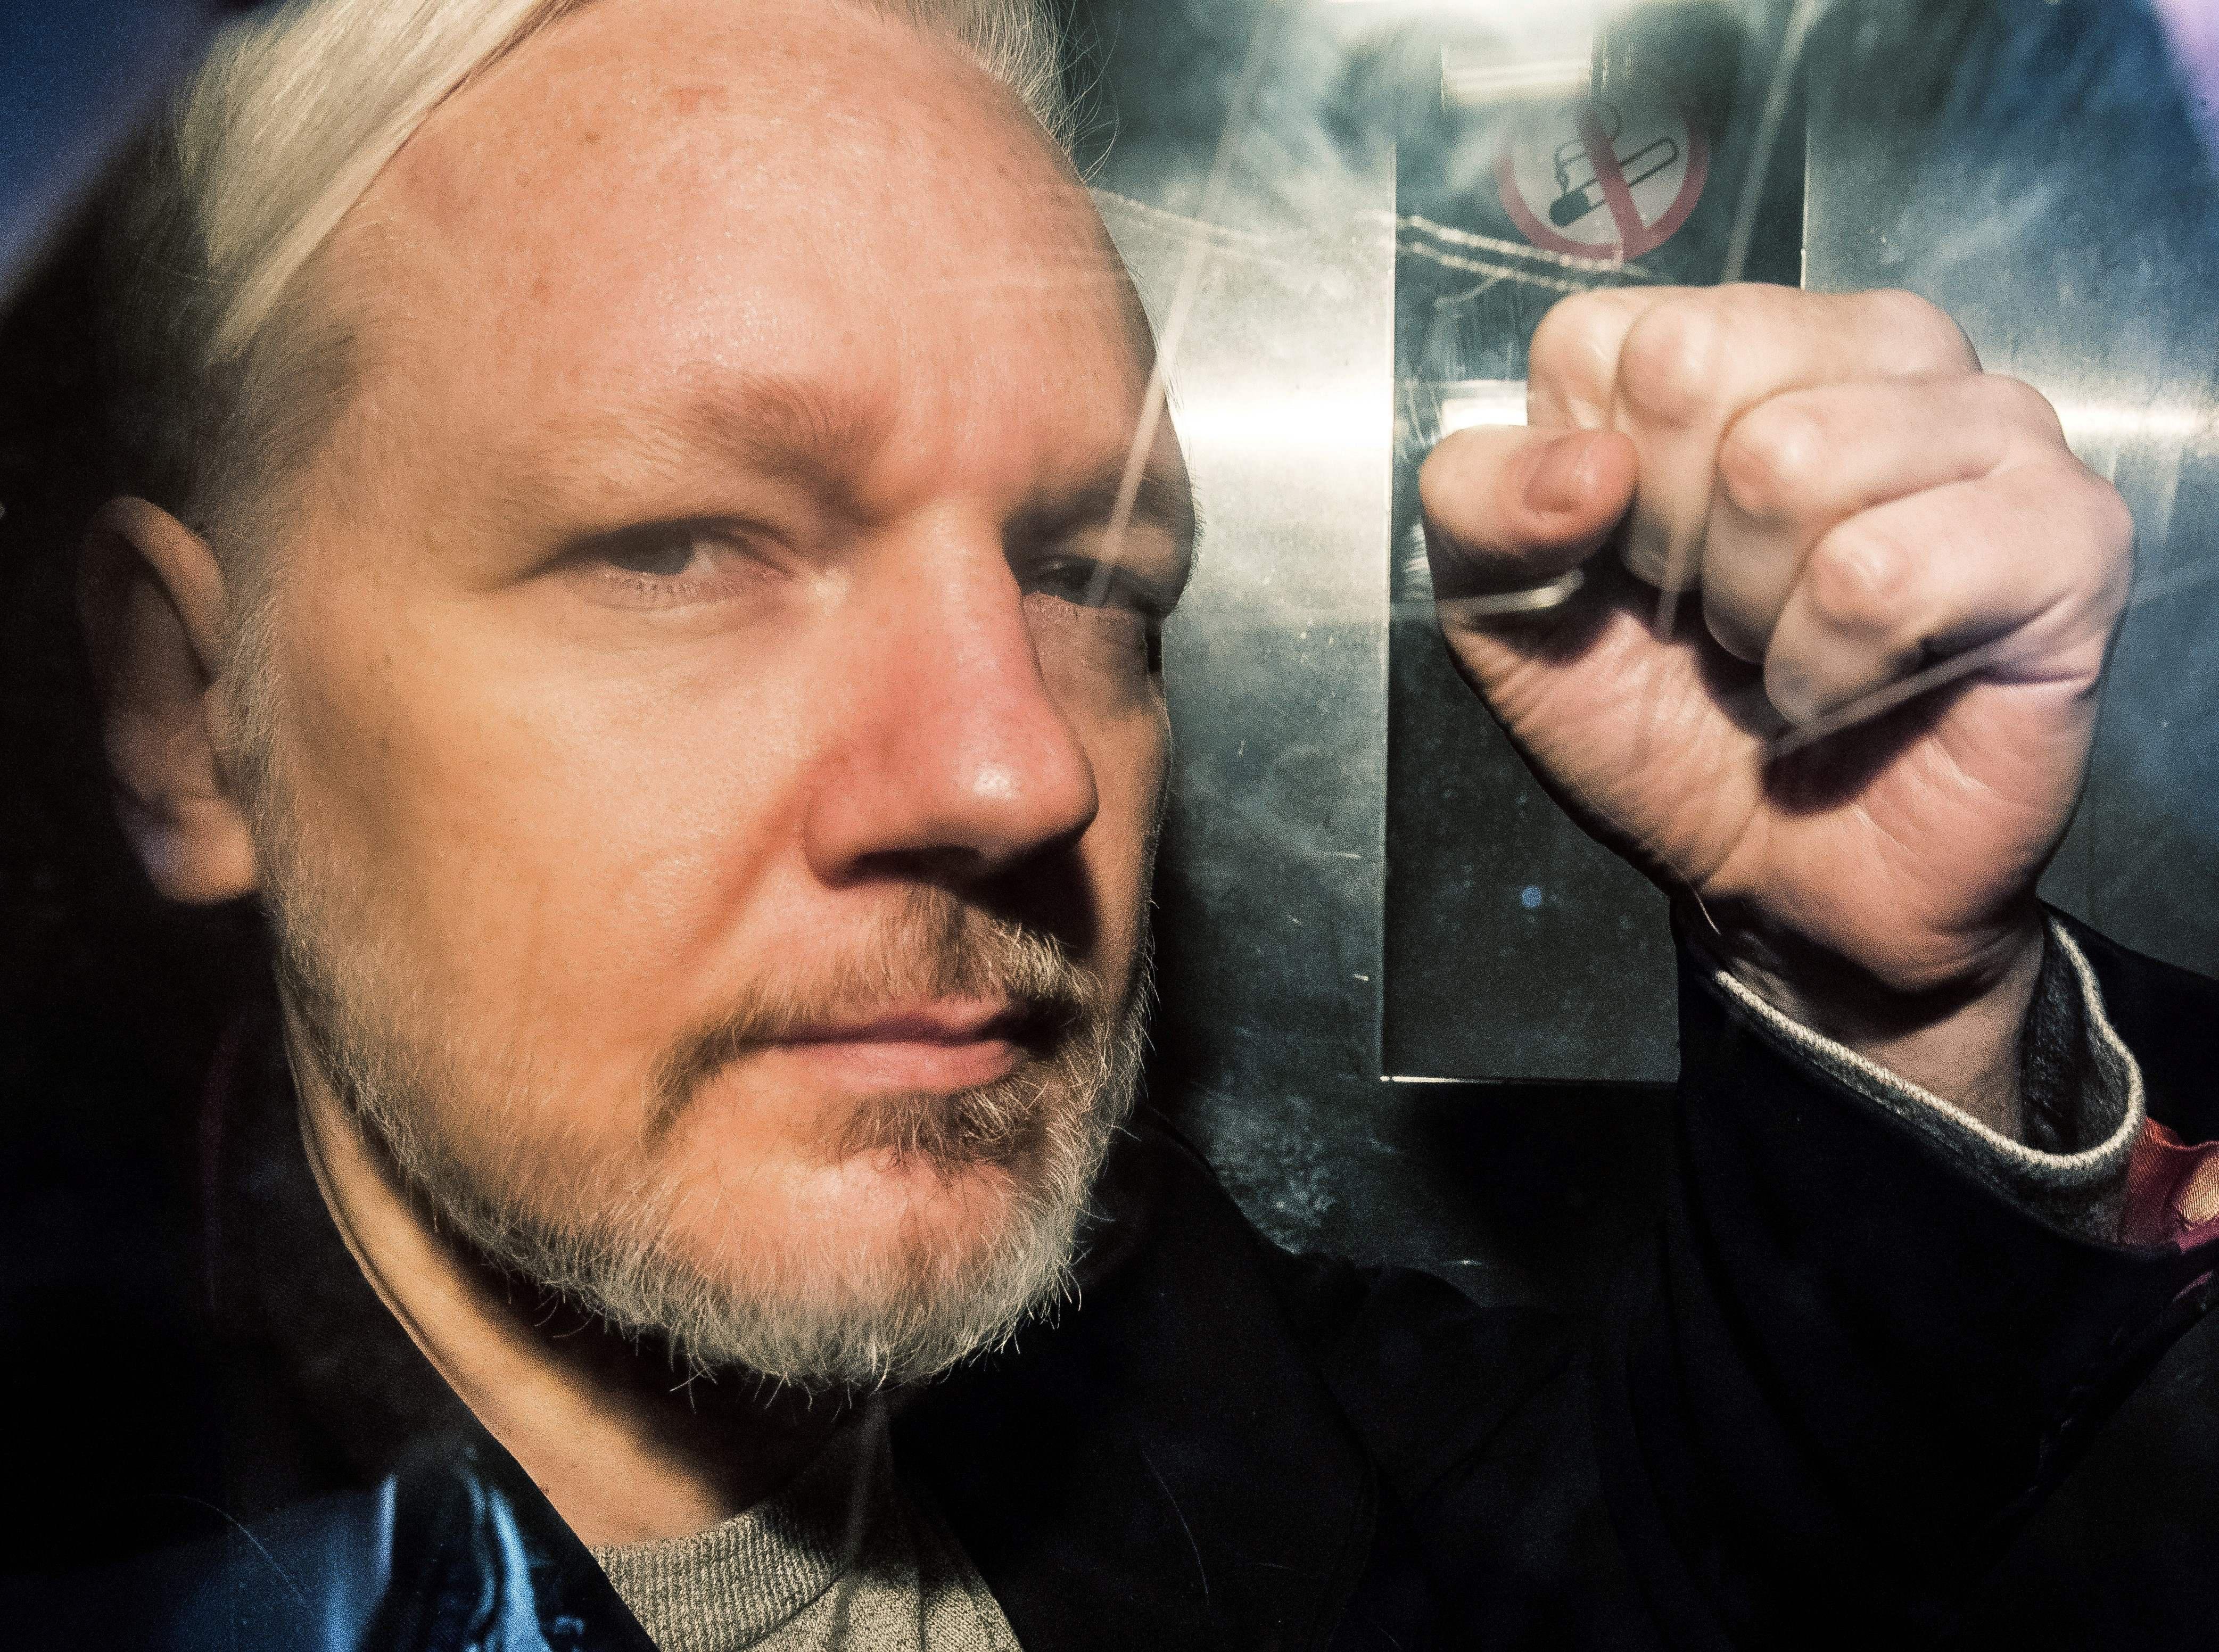 Seen through a window, Julian Assange makes a fist.